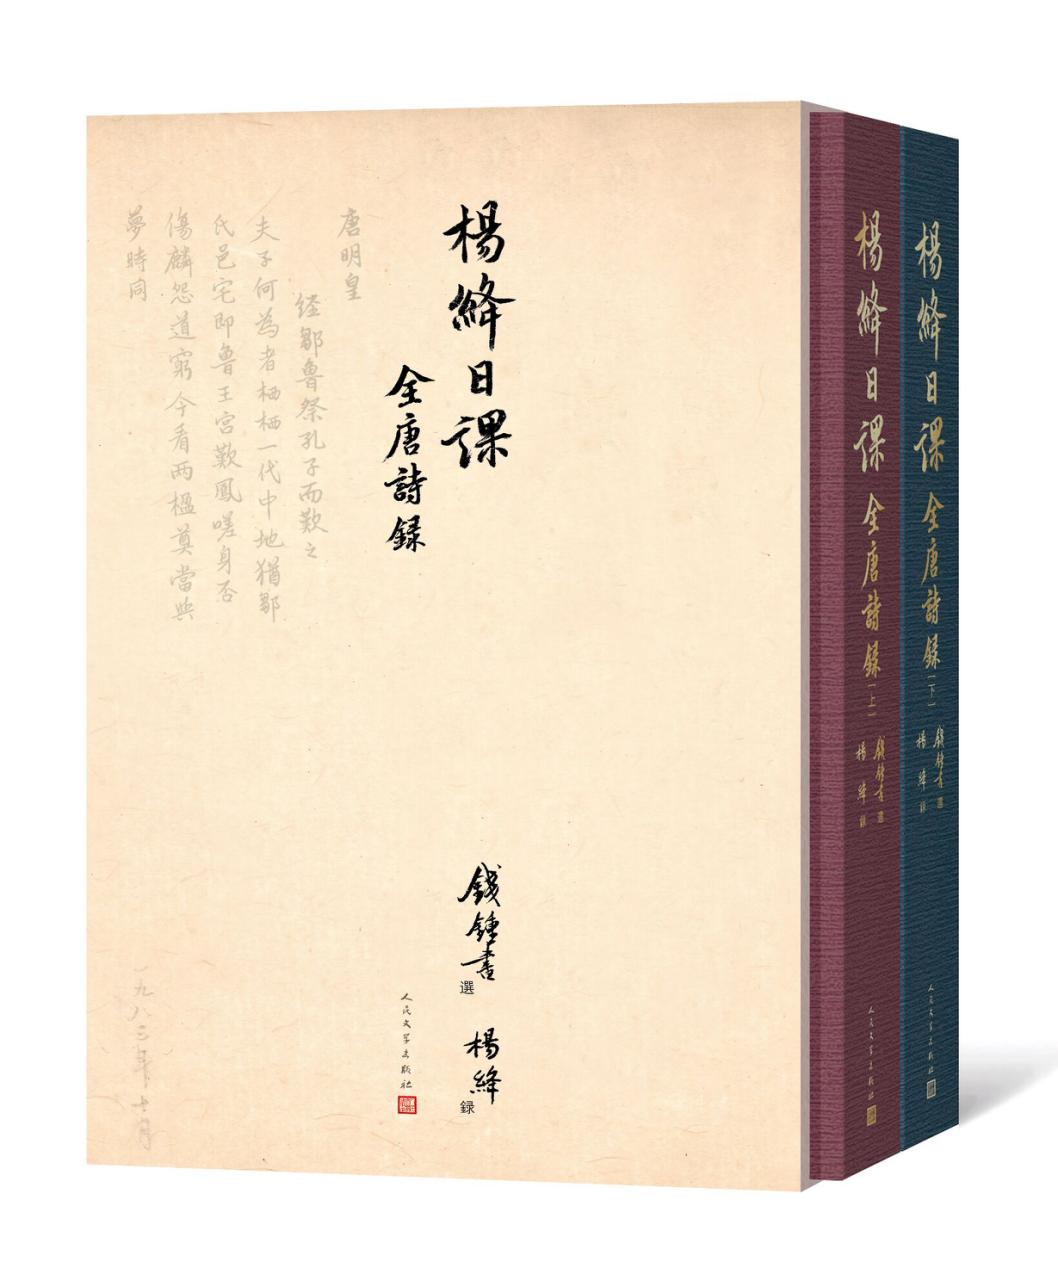 为纪念杨绛诞辰110周年,人文社出版手稿影印版《杨绛日课全唐诗录》